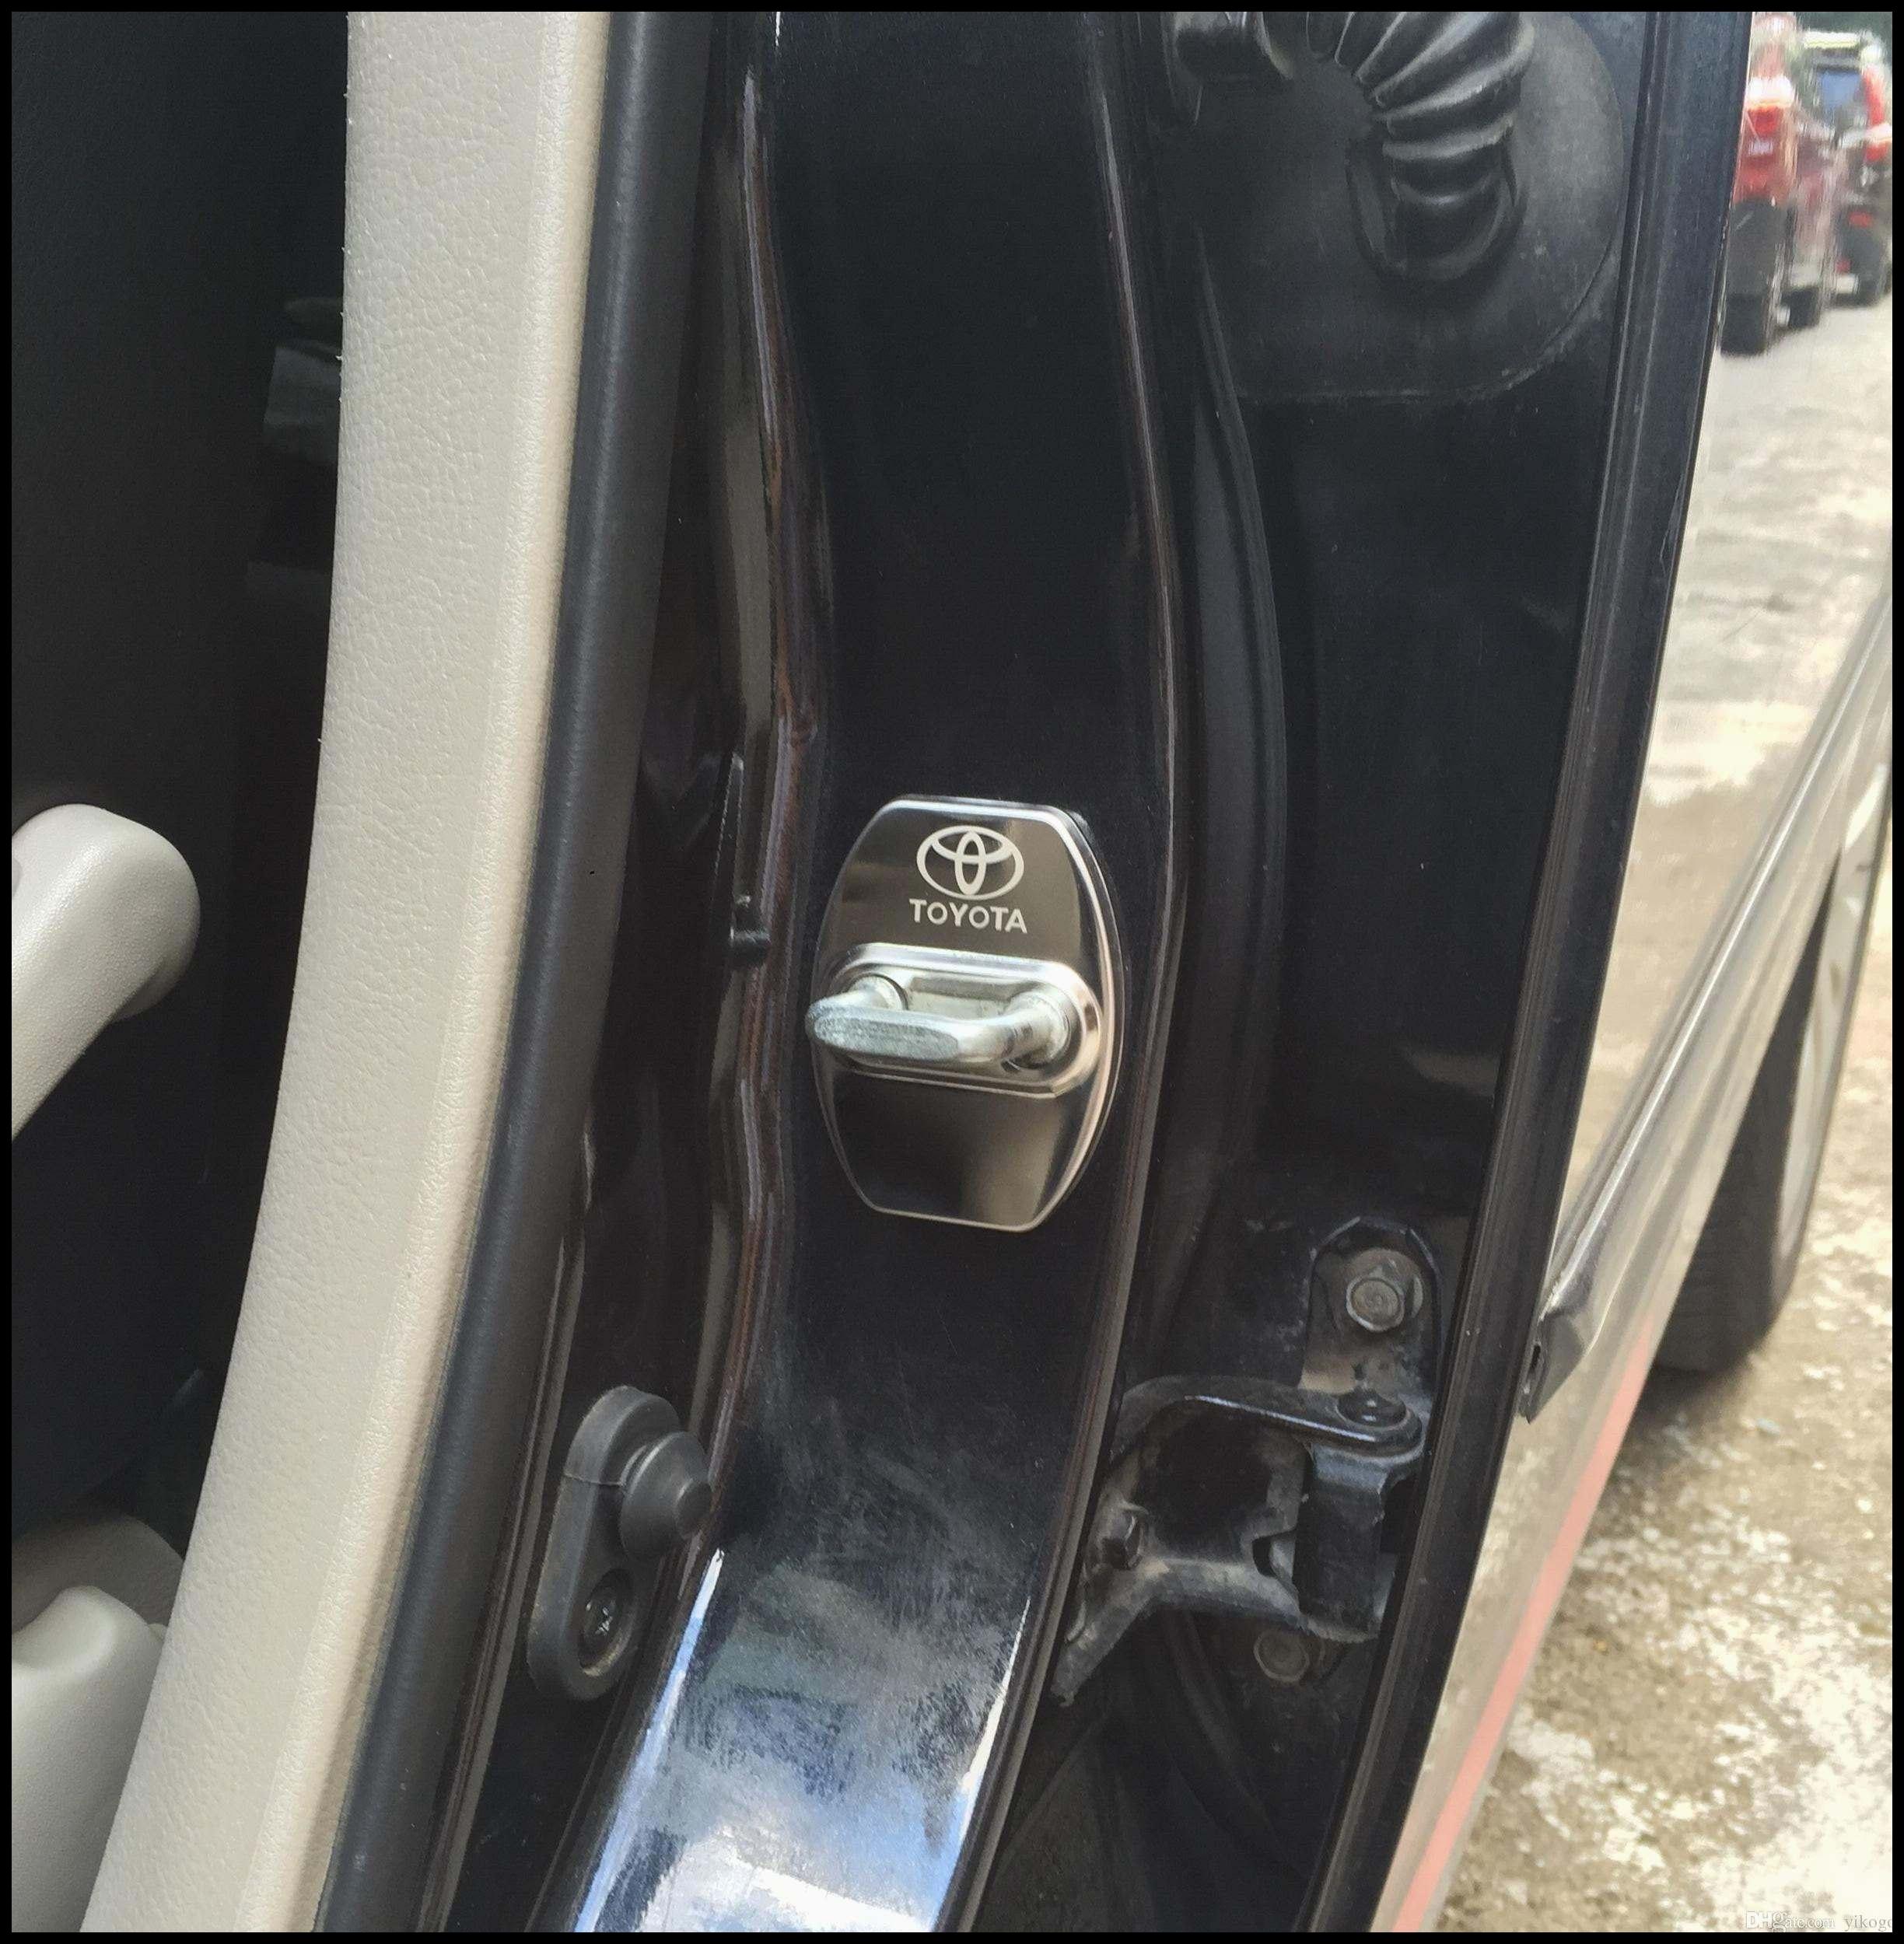 Autozone Return Policy without Receipt Simple Autozone Paint Colors New 2106 Bmw 7 Series 0d Automotive